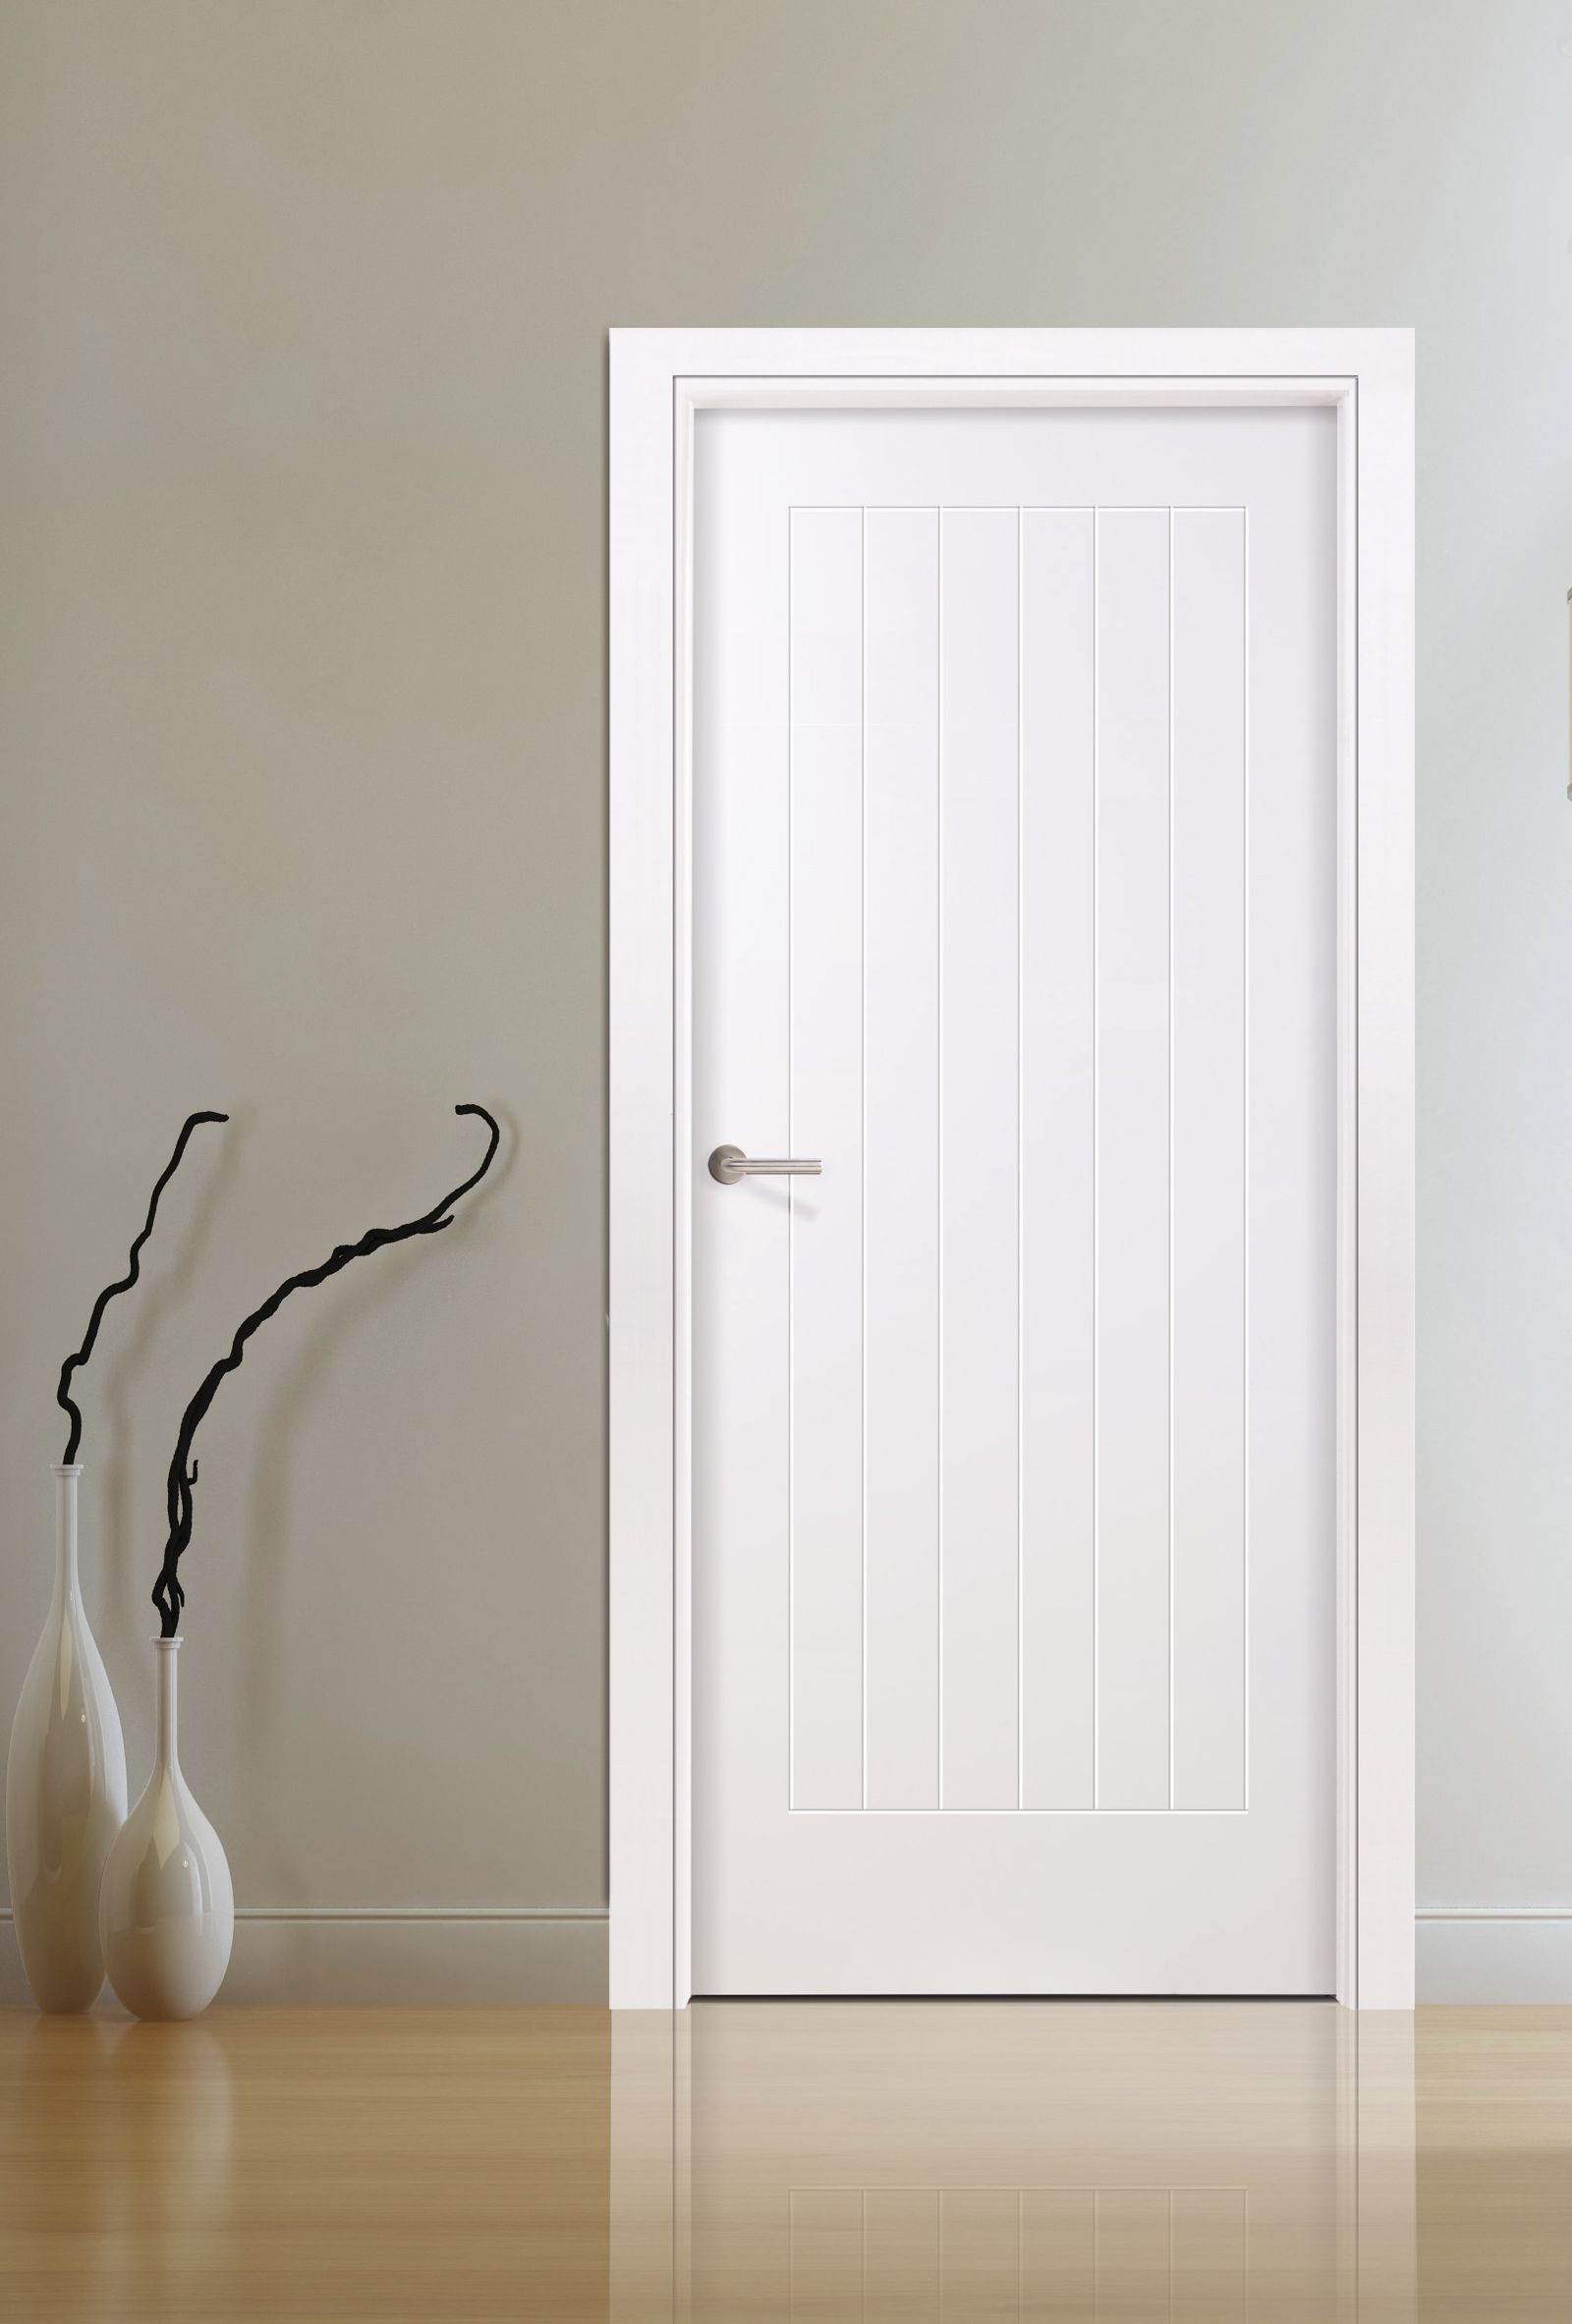 Precios de puertas lacadas en blanco puertas lacadas - Puertas lacadas blancas precios ...